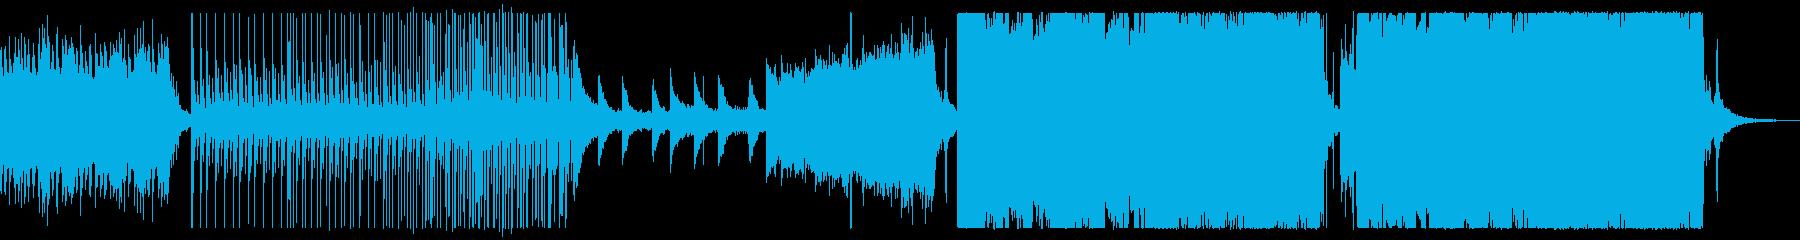 エモいサビのEDM/Future Basの再生済みの波形